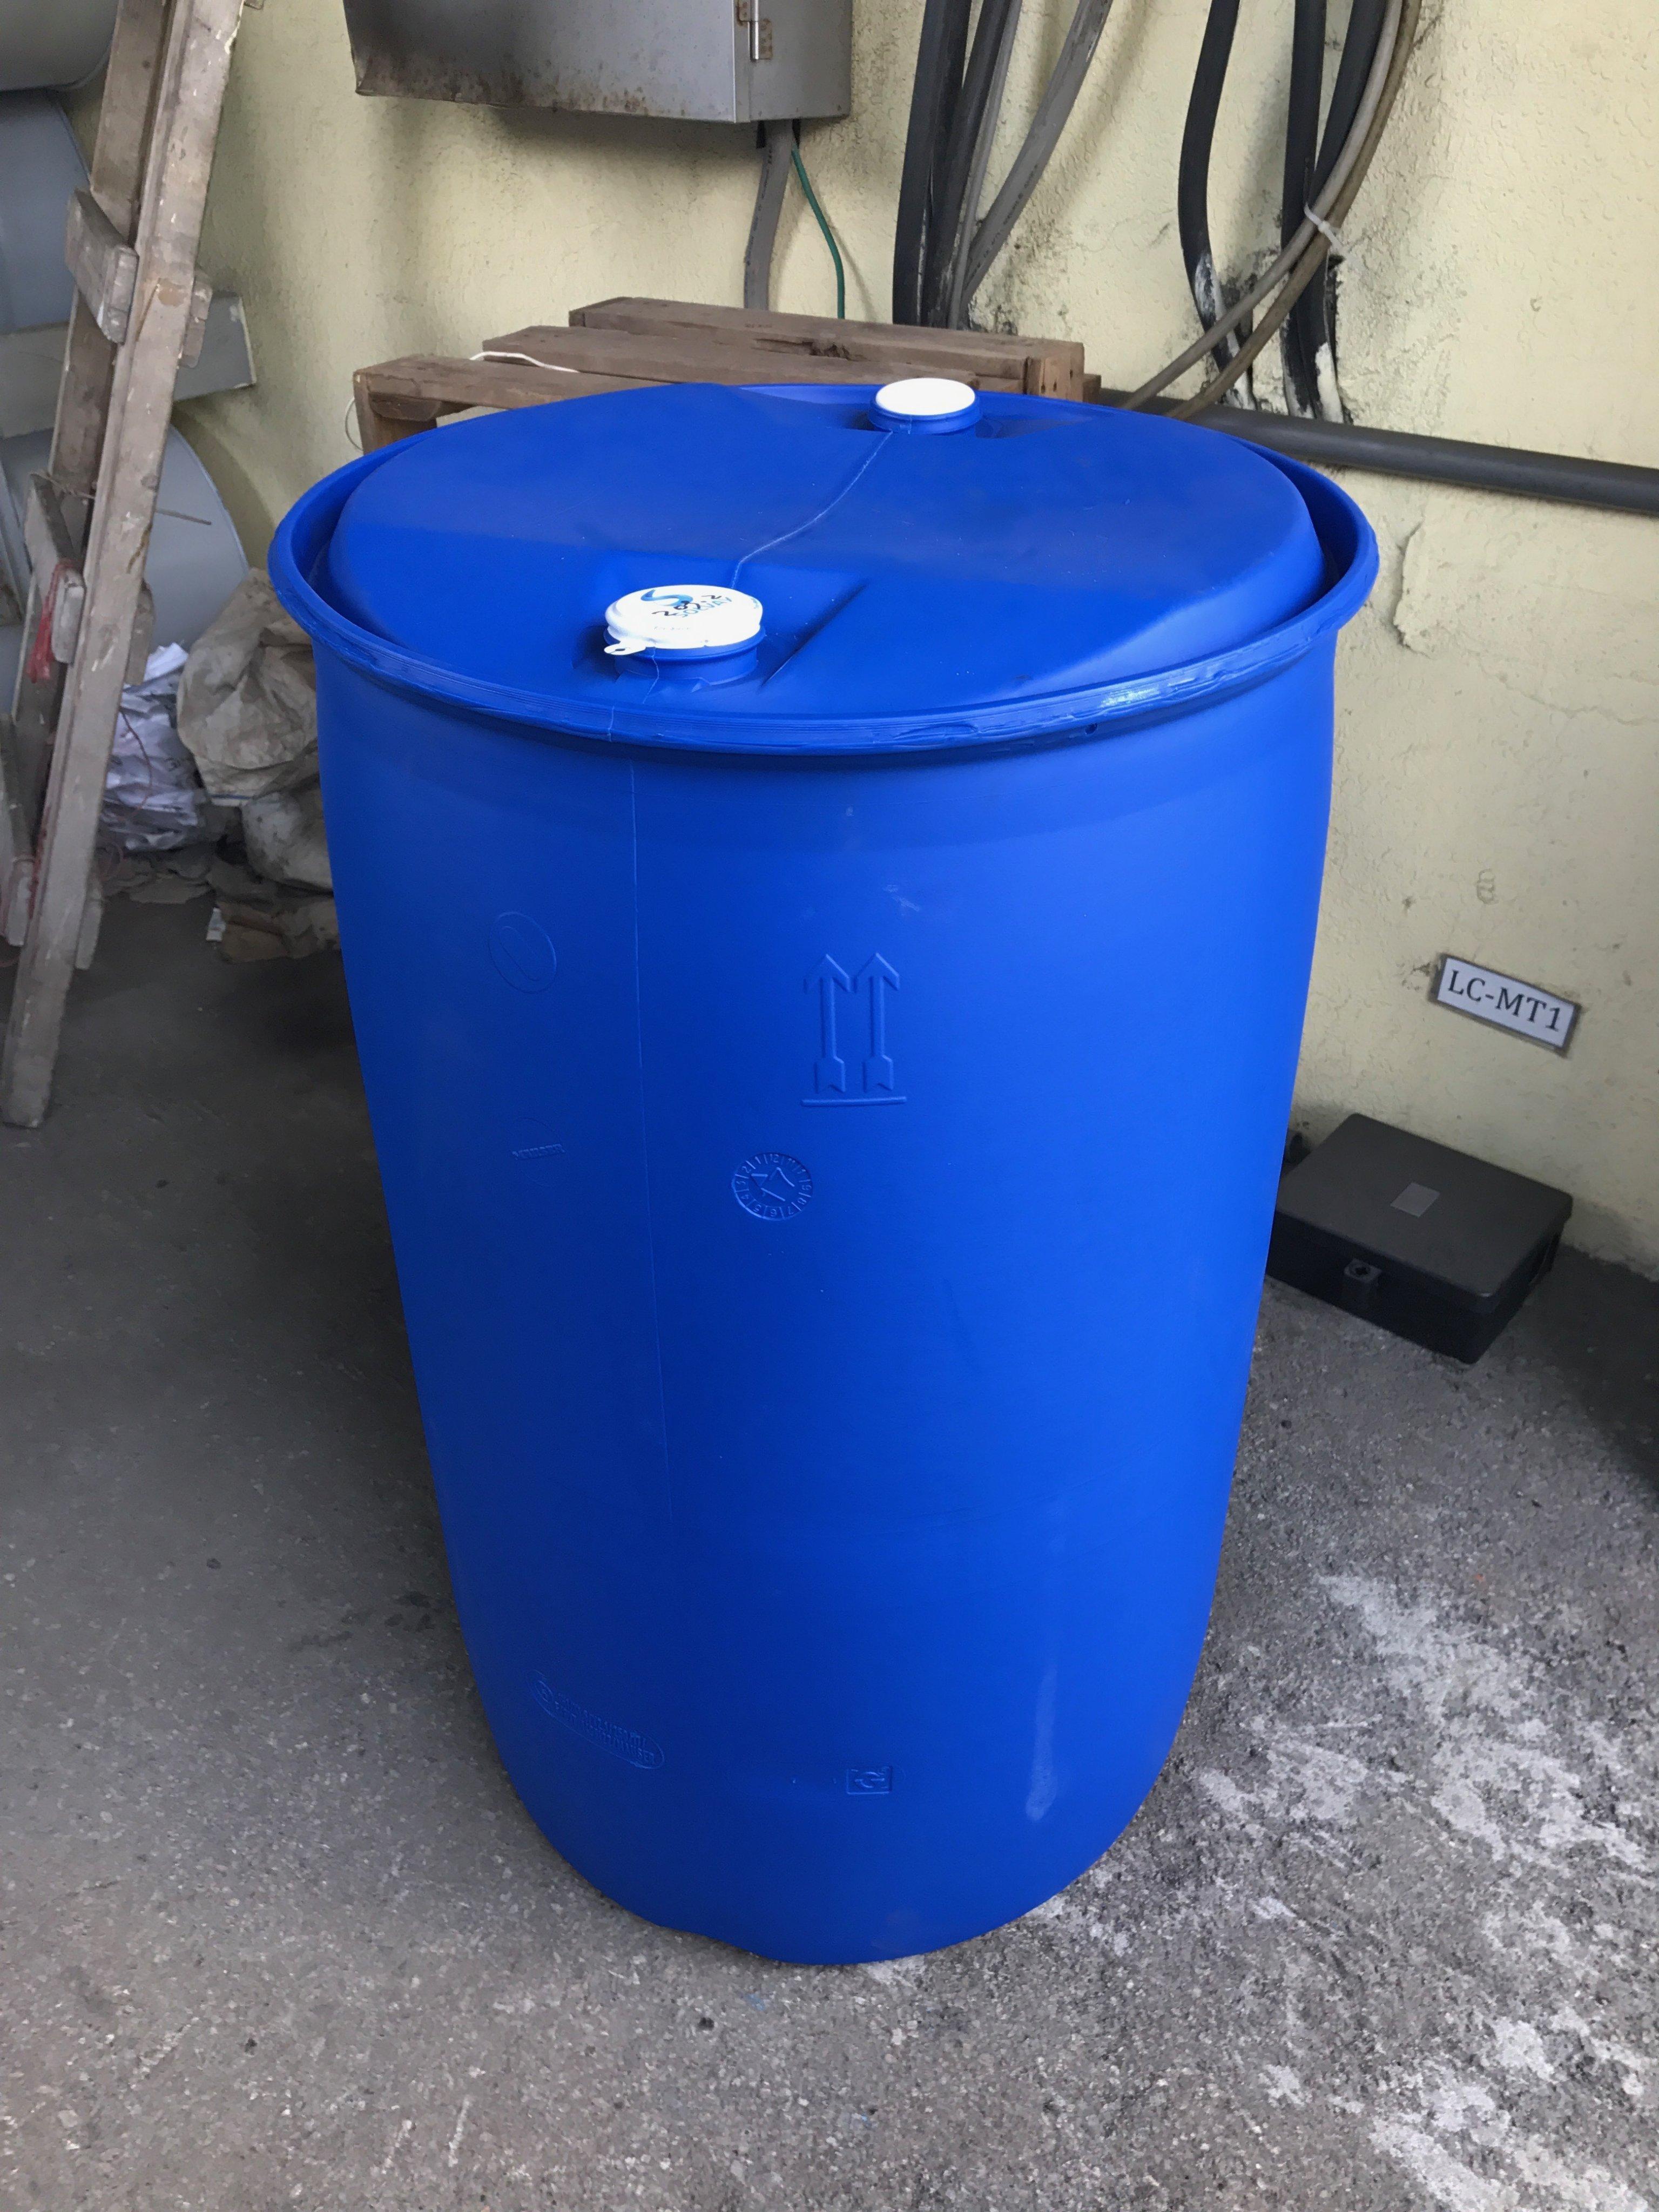 二手 沒整理過的 200 公升 塑膠桶  200L 塑膠桶  沒整理過的 200 公升塑膠桶 此價格只賣大量110個